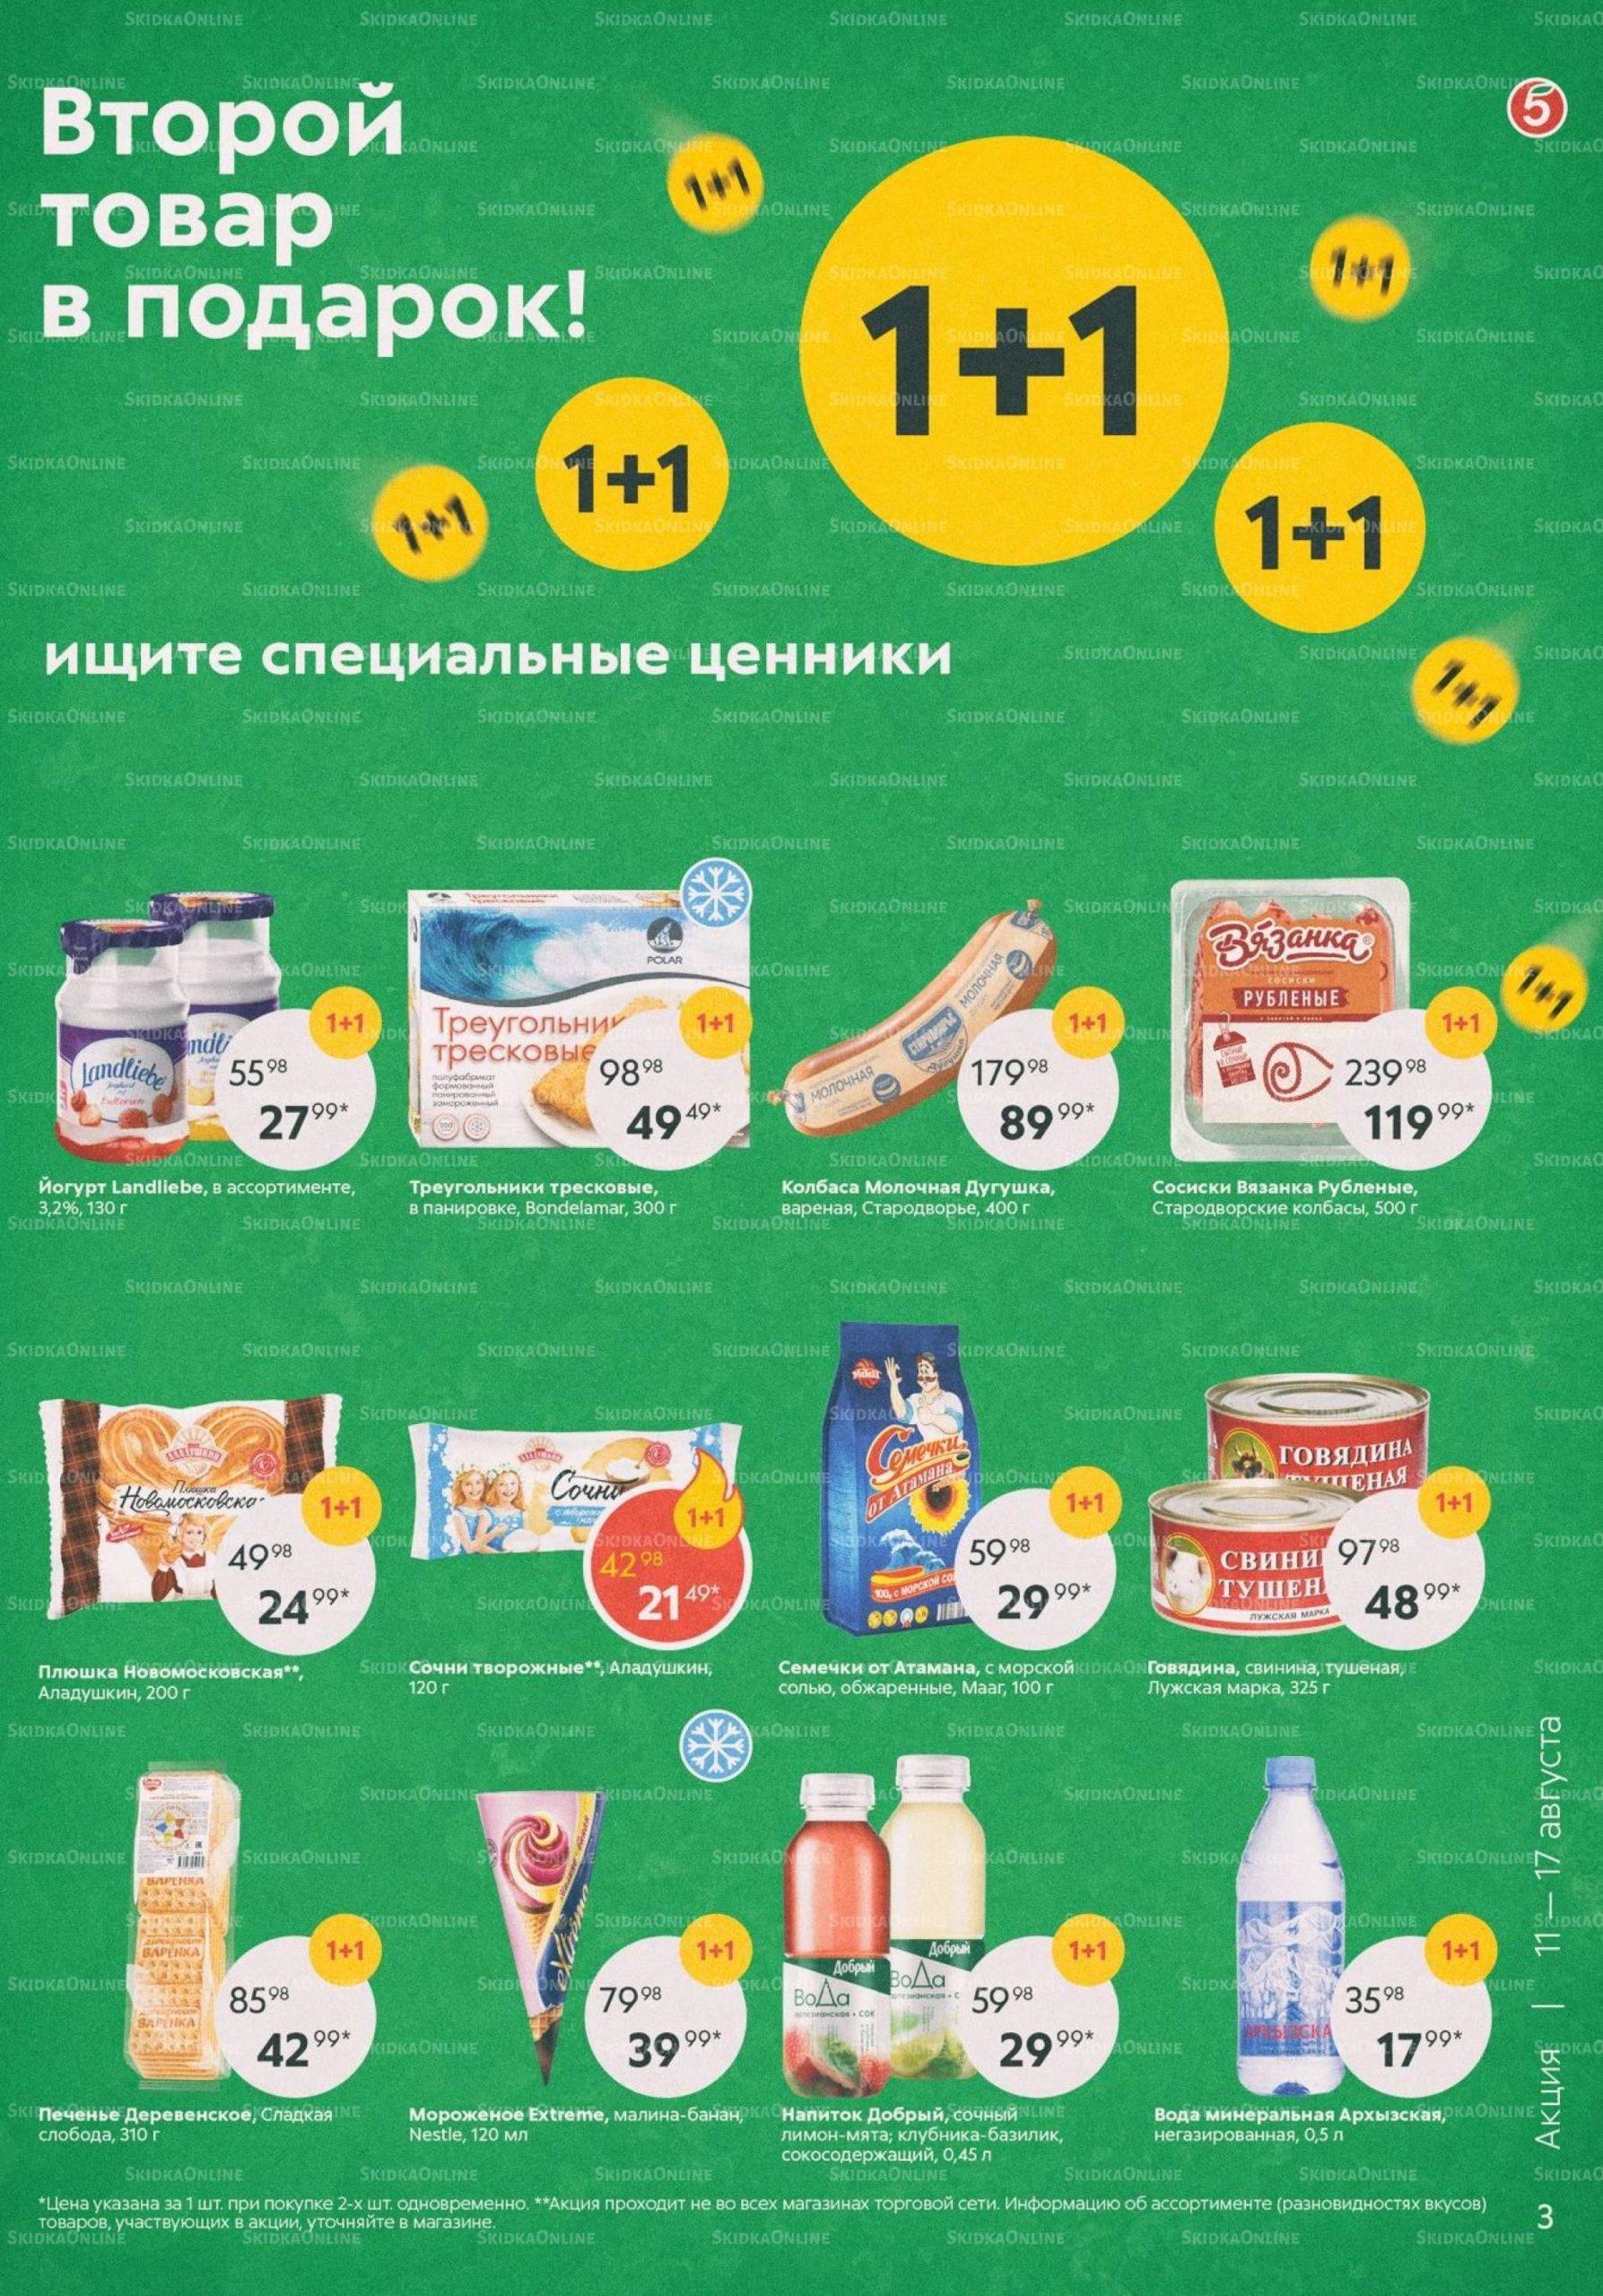 Акции в Пятёрочке с 11 по 17 августа 2020 года